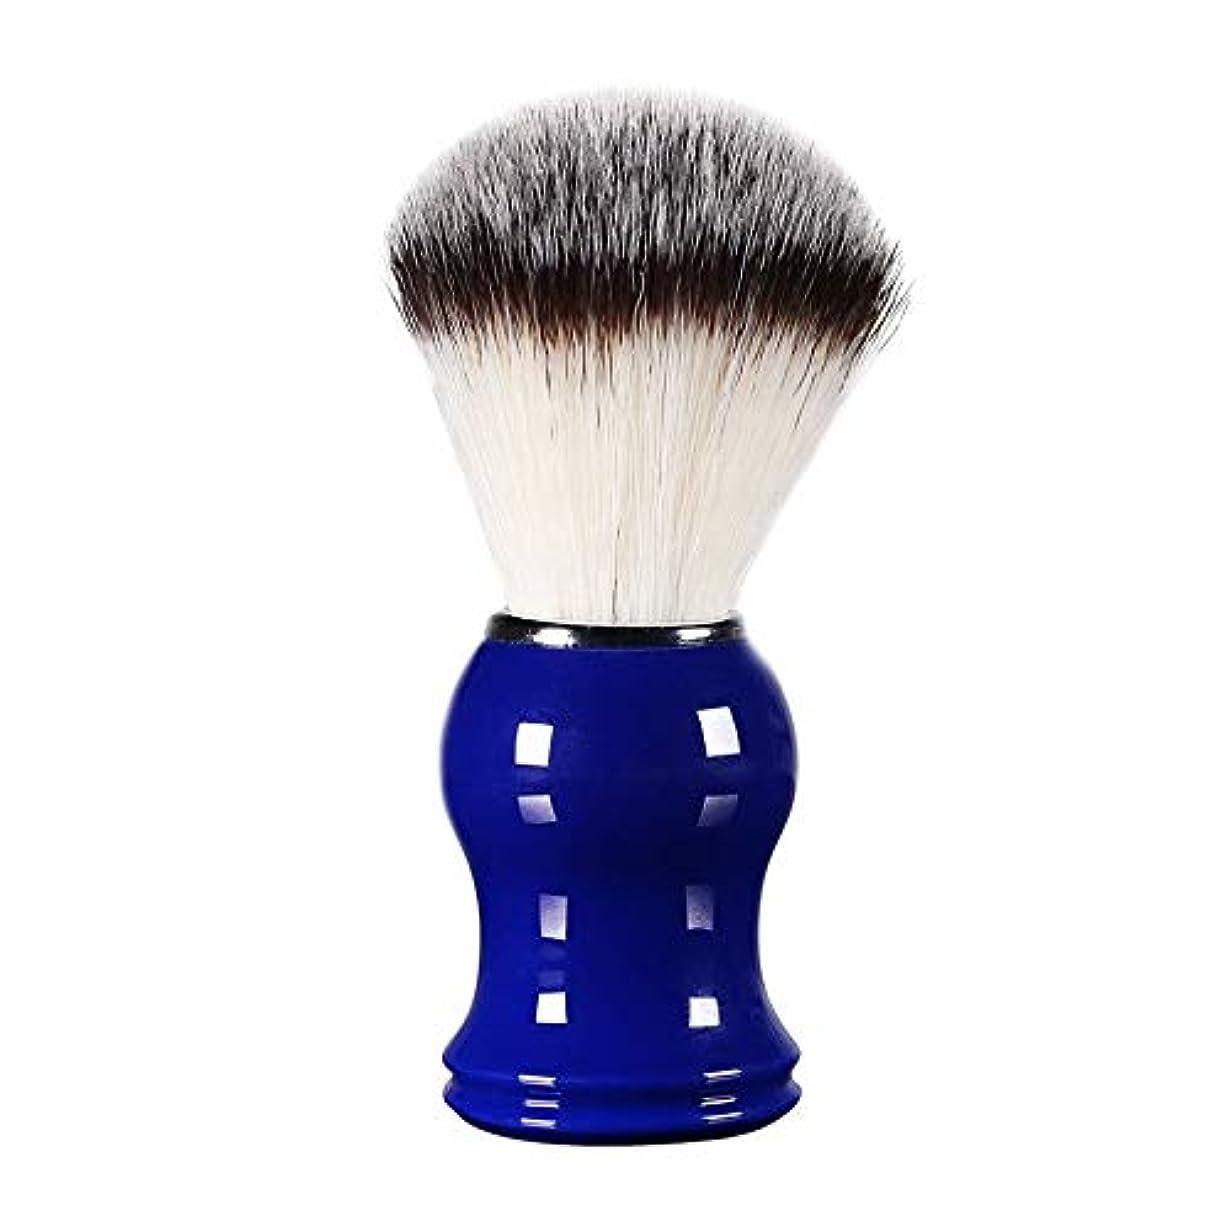 維持締める面倒Oddalsail メンズ シェービングブラシ 理髪 男性用 顔髭 クリーニングブラシ 樹脂ハンドル付き ブルー